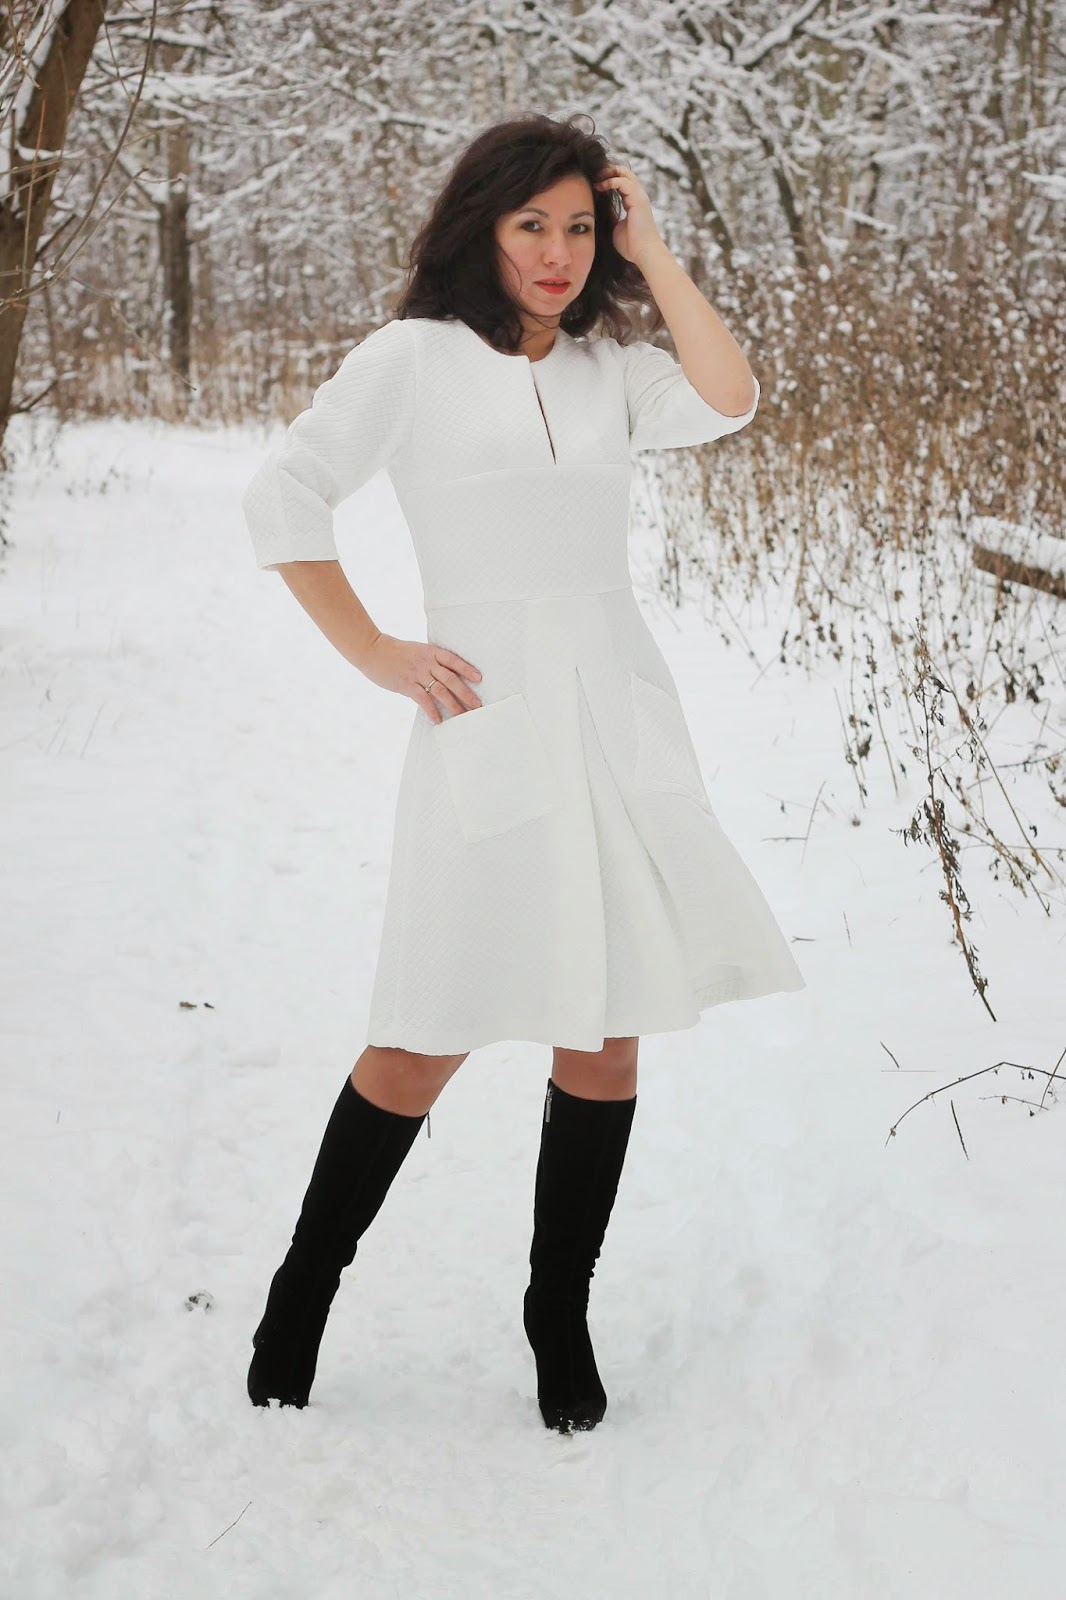 Как удлинить платье если оно в складку